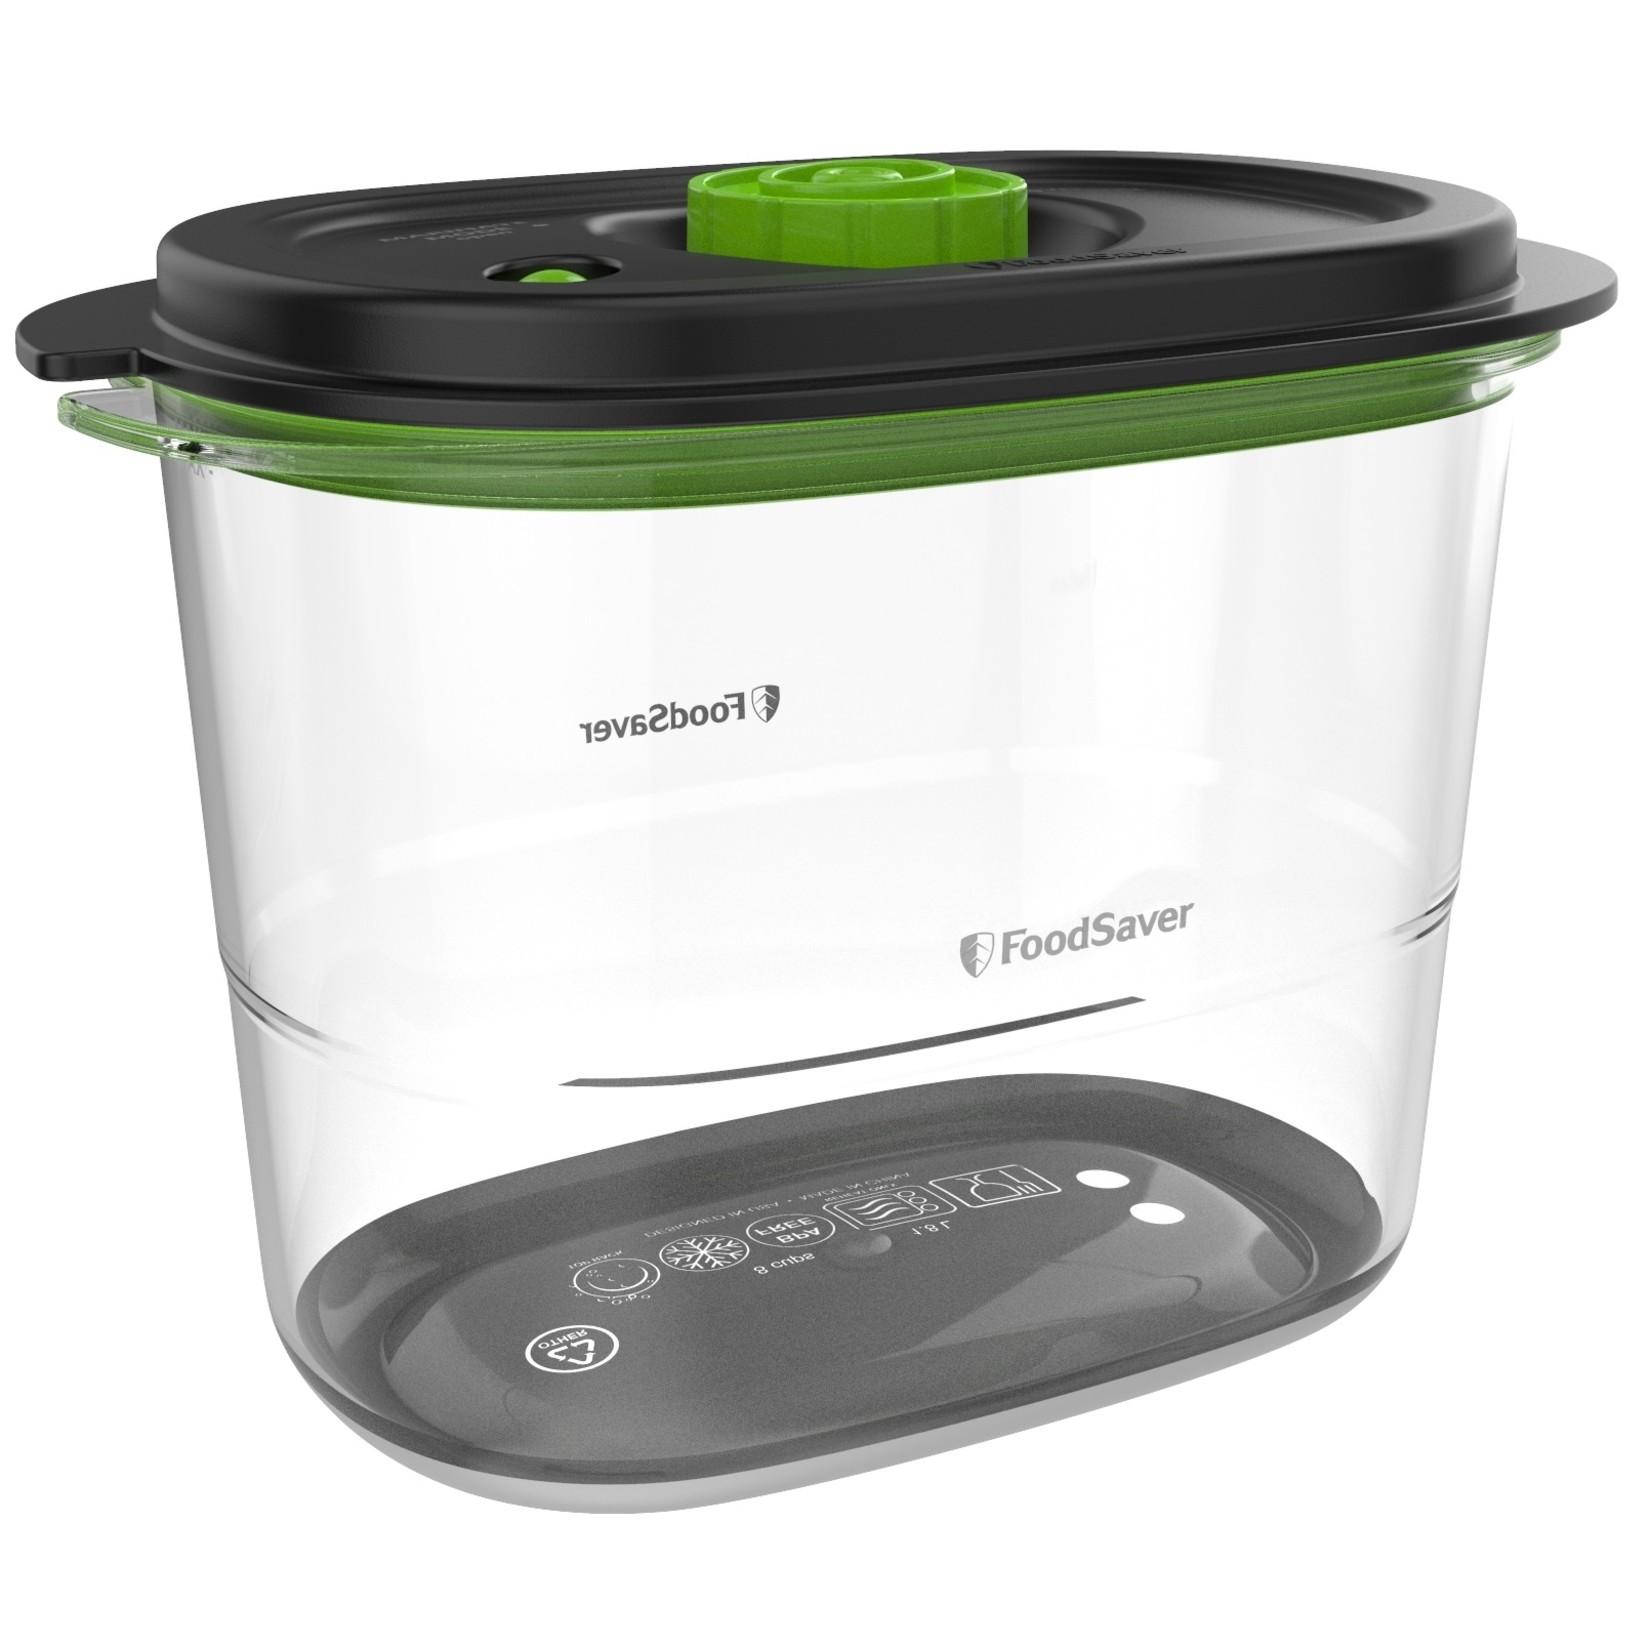 Foodsaver Foodsaver Fresh 2.0 vershouddoos 1,8 liter